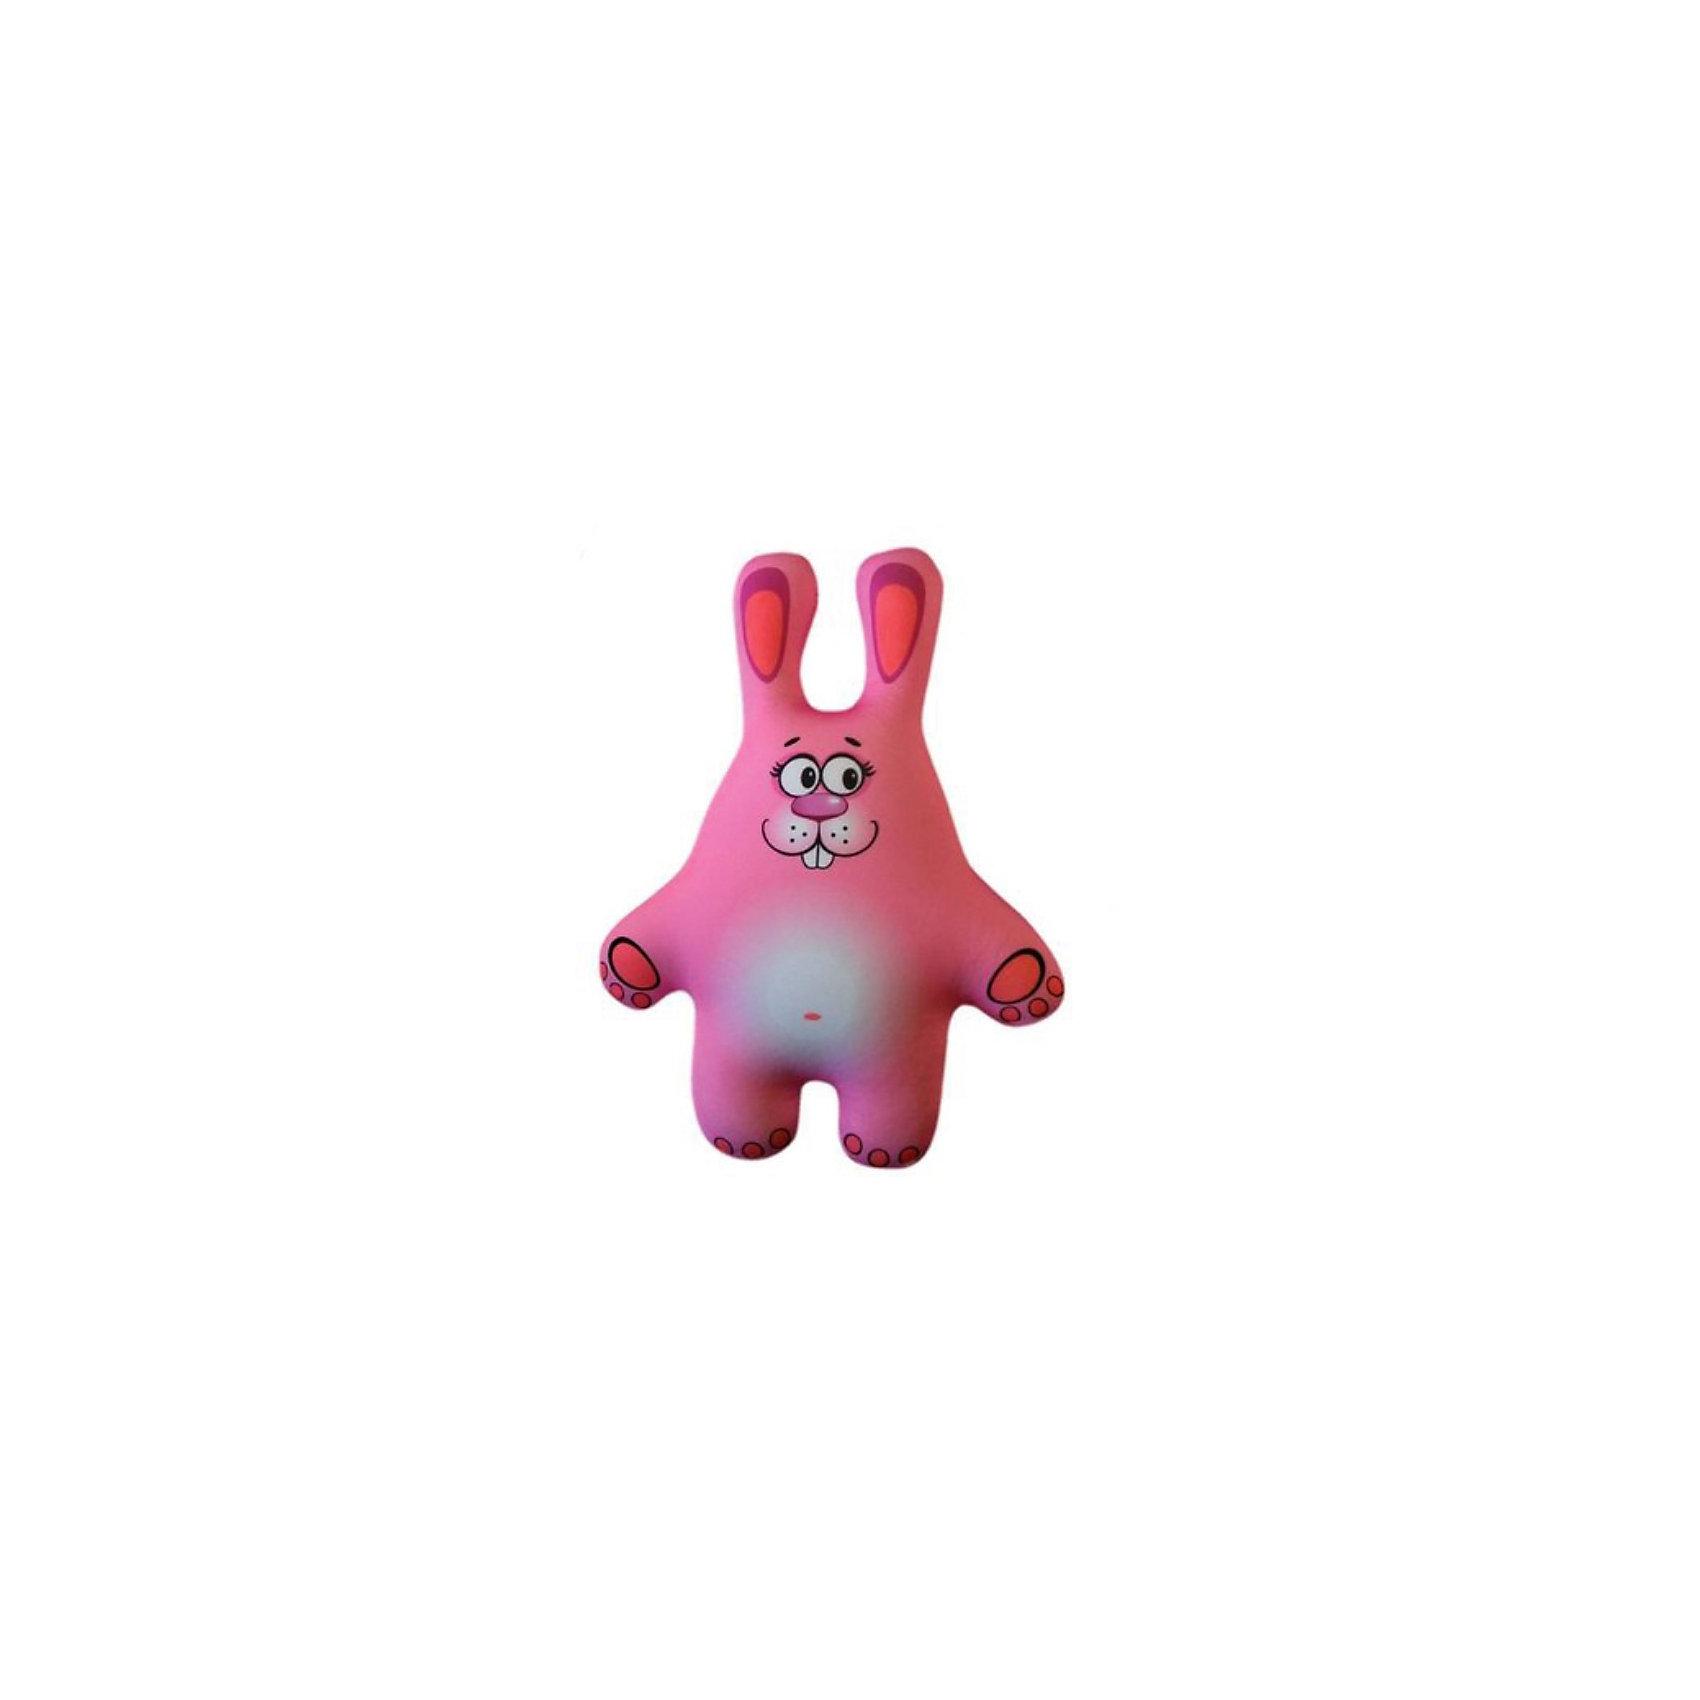 Игрушка-антистресс Зайчонок, СмолТойсЗайчонок -антистресс (игрушка-подушка)-это мягкая игрушка со специальным наполнителем, розового цвета. Внешний материал - гладкий, эластичный и прочный трикотаж. Наполнитель: гранулы полистирола - крохотные шарики диаметром меньше миллиметра.<br><br> Дополнительная информация:<br><br>- материал: текстиль <br>- размер: 41 см. (высота)<br>- размер упаковки: 27x38x10 см. <br>- цвет: розовый<br><br>Подушку-игрушку  антистресс  Зайчонок  можно купить в нашем интернет-магазине<br><br>Ширина мм: 410<br>Глубина мм: 70<br>Высота мм: 280<br>Вес г: 100<br>Возраст от месяцев: 36<br>Возраст до месяцев: 144<br>Пол: Унисекс<br>Возраст: Детский<br>SKU: 3440330